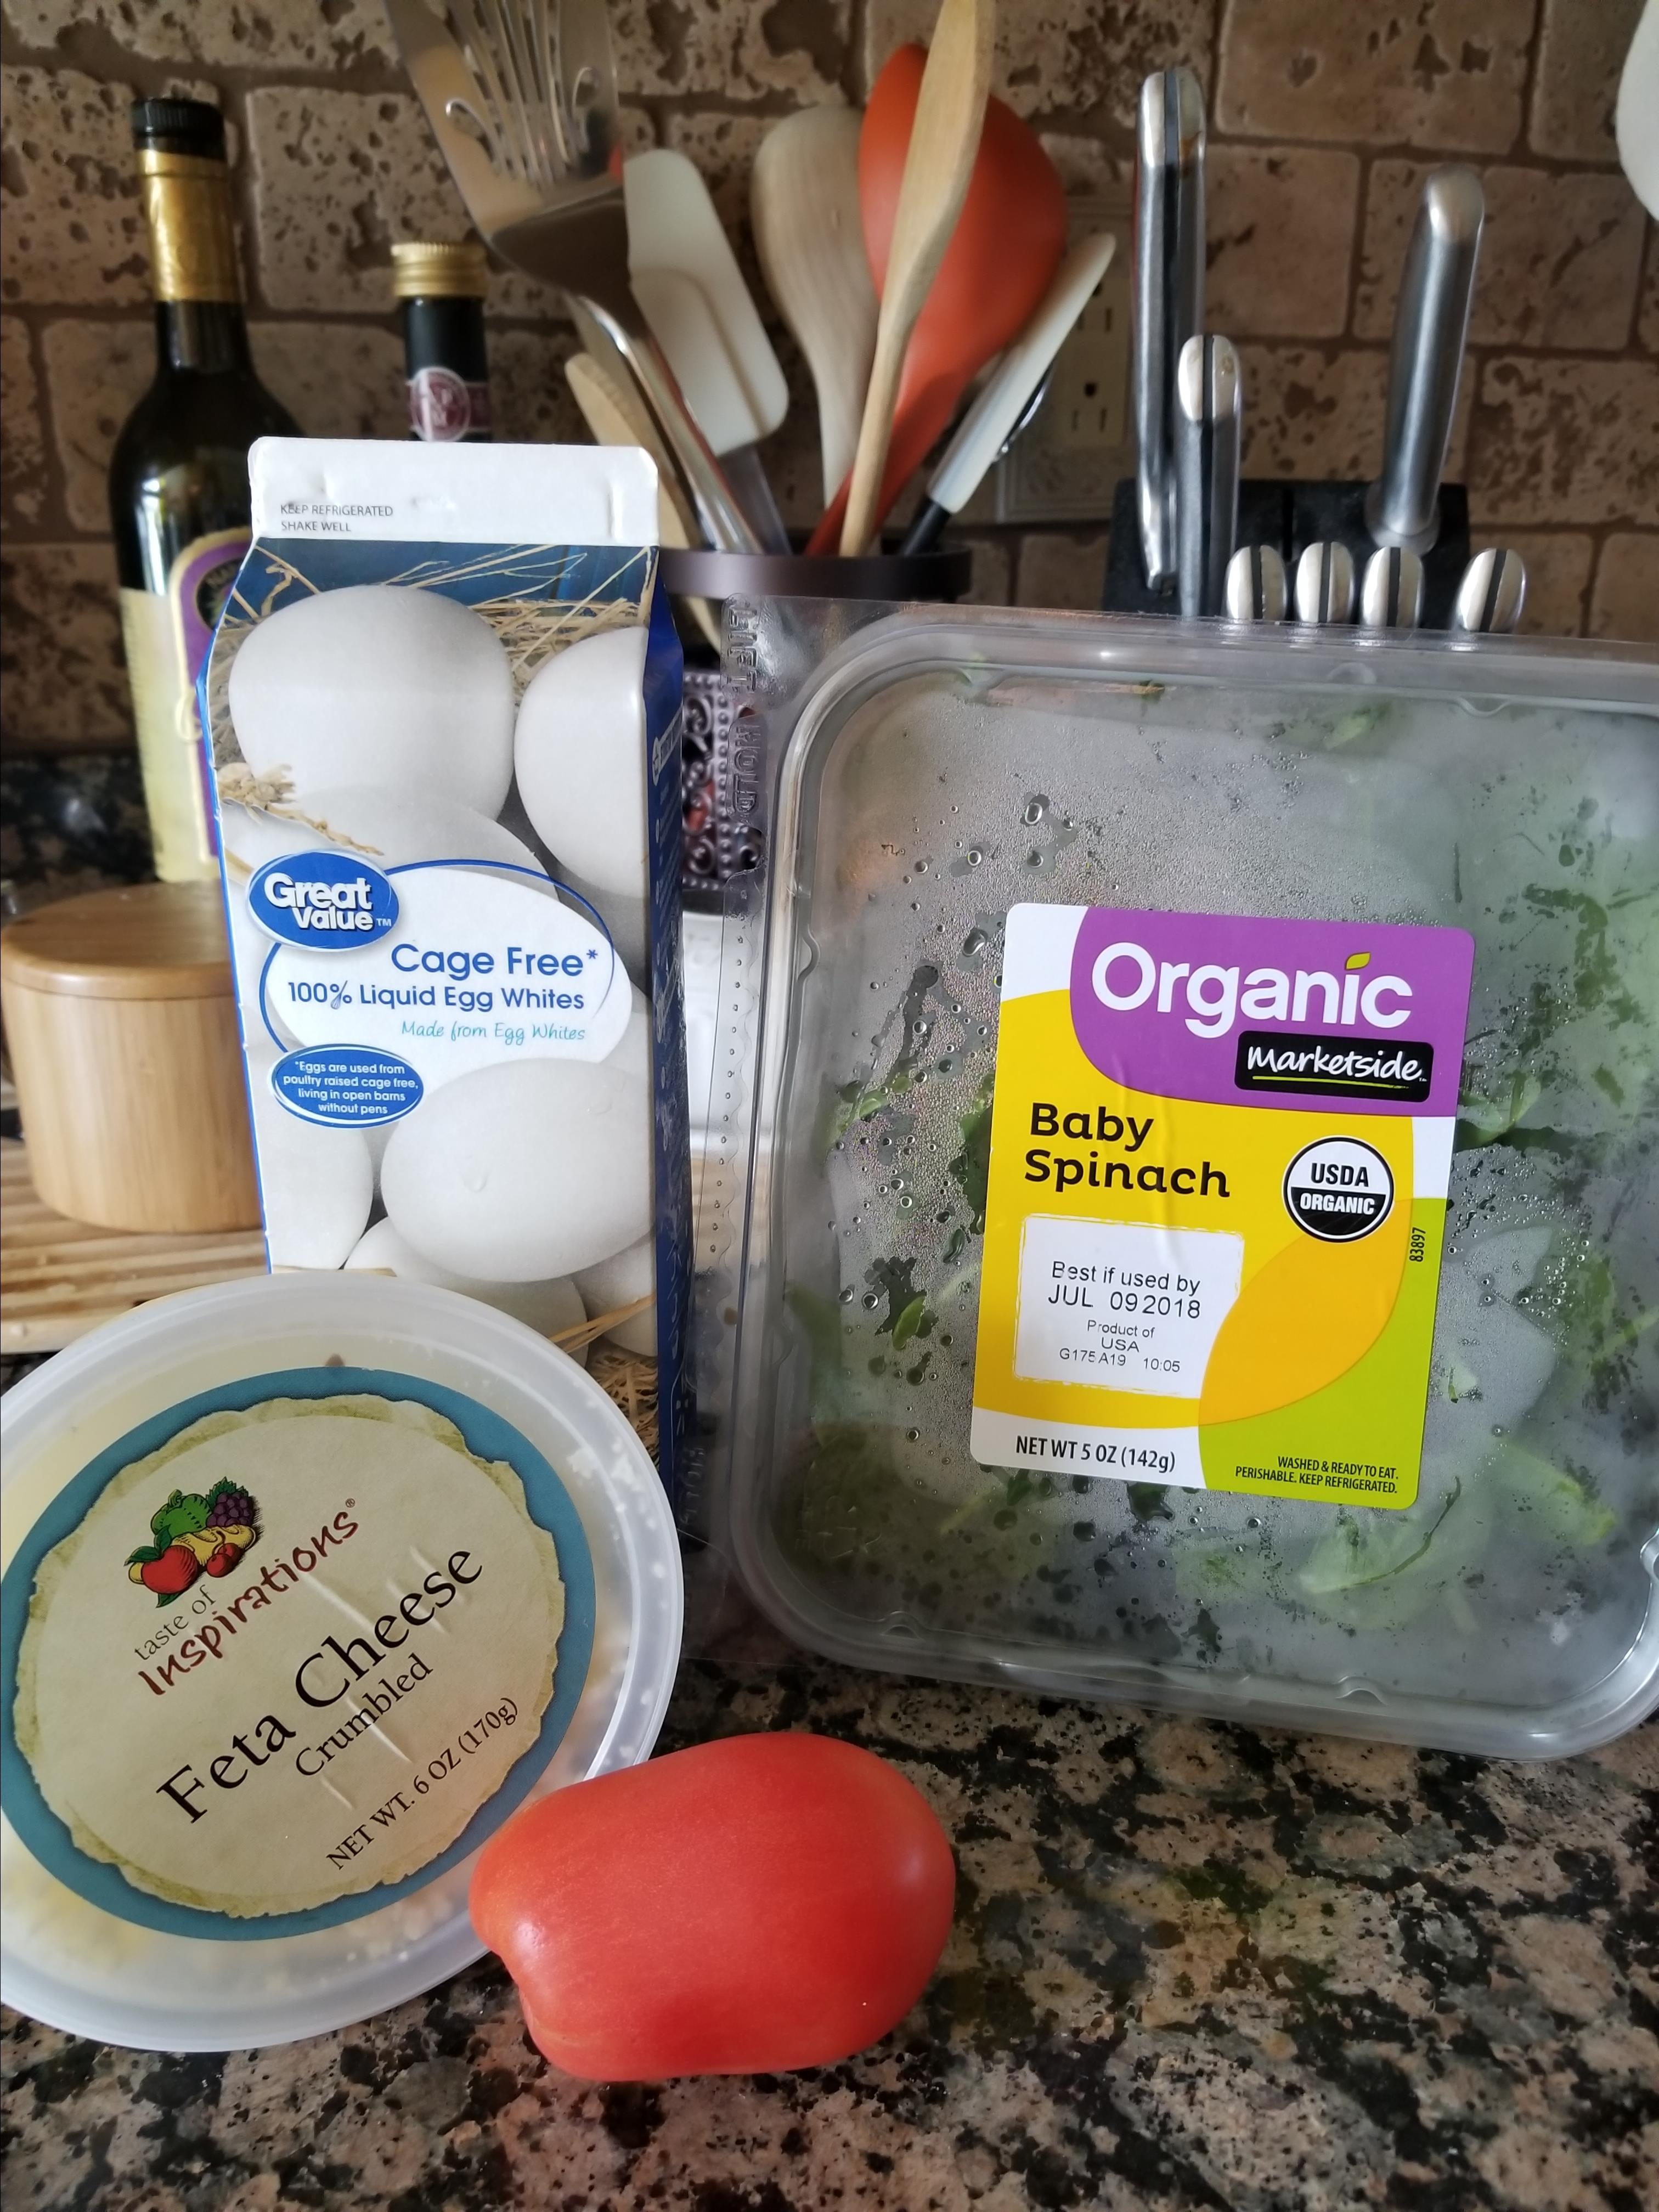 Spinach, Tomato, and Feta Egg White Omelette bakerbobbi